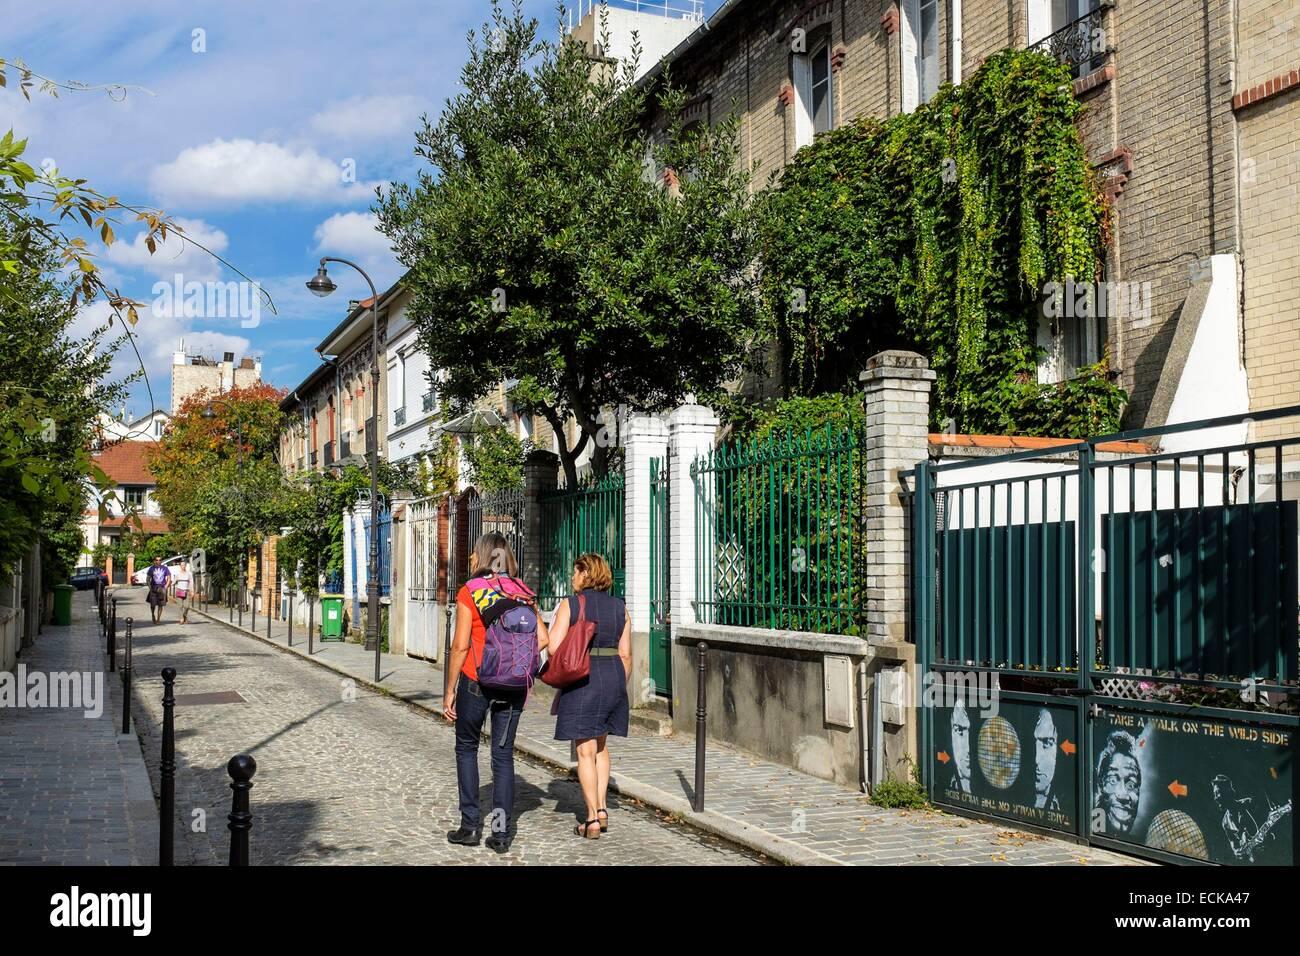 France, Paris, Butte aux Cailles district, Villa Daviel is a dead end street close to Butte aux Cailles - Stock Image